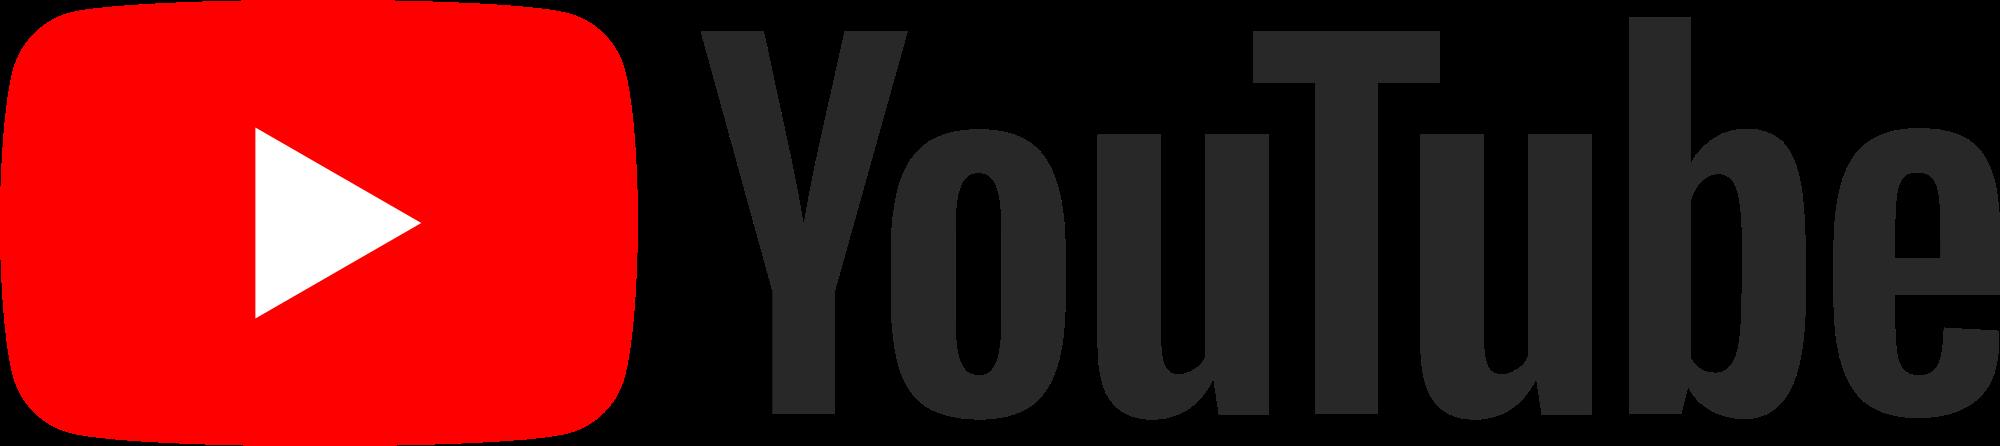 Sich kennenlernen youtube